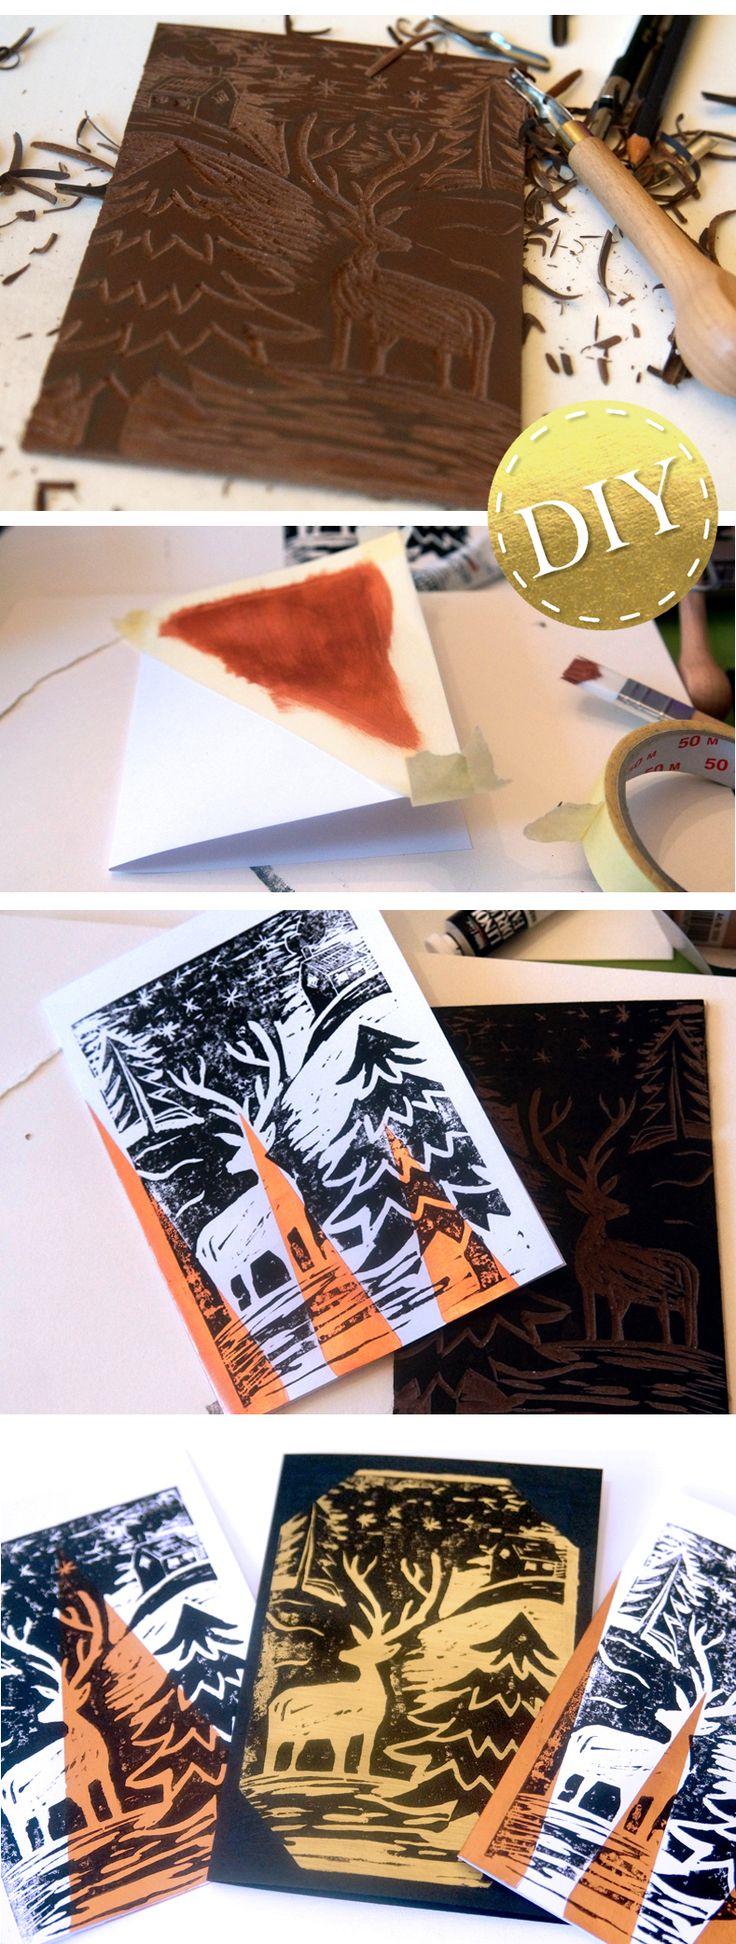 Weihnachtskarten selbstgemacht mit Linoldruck! Kupfer, Gold und Silber sorgen für mehr Glanz!